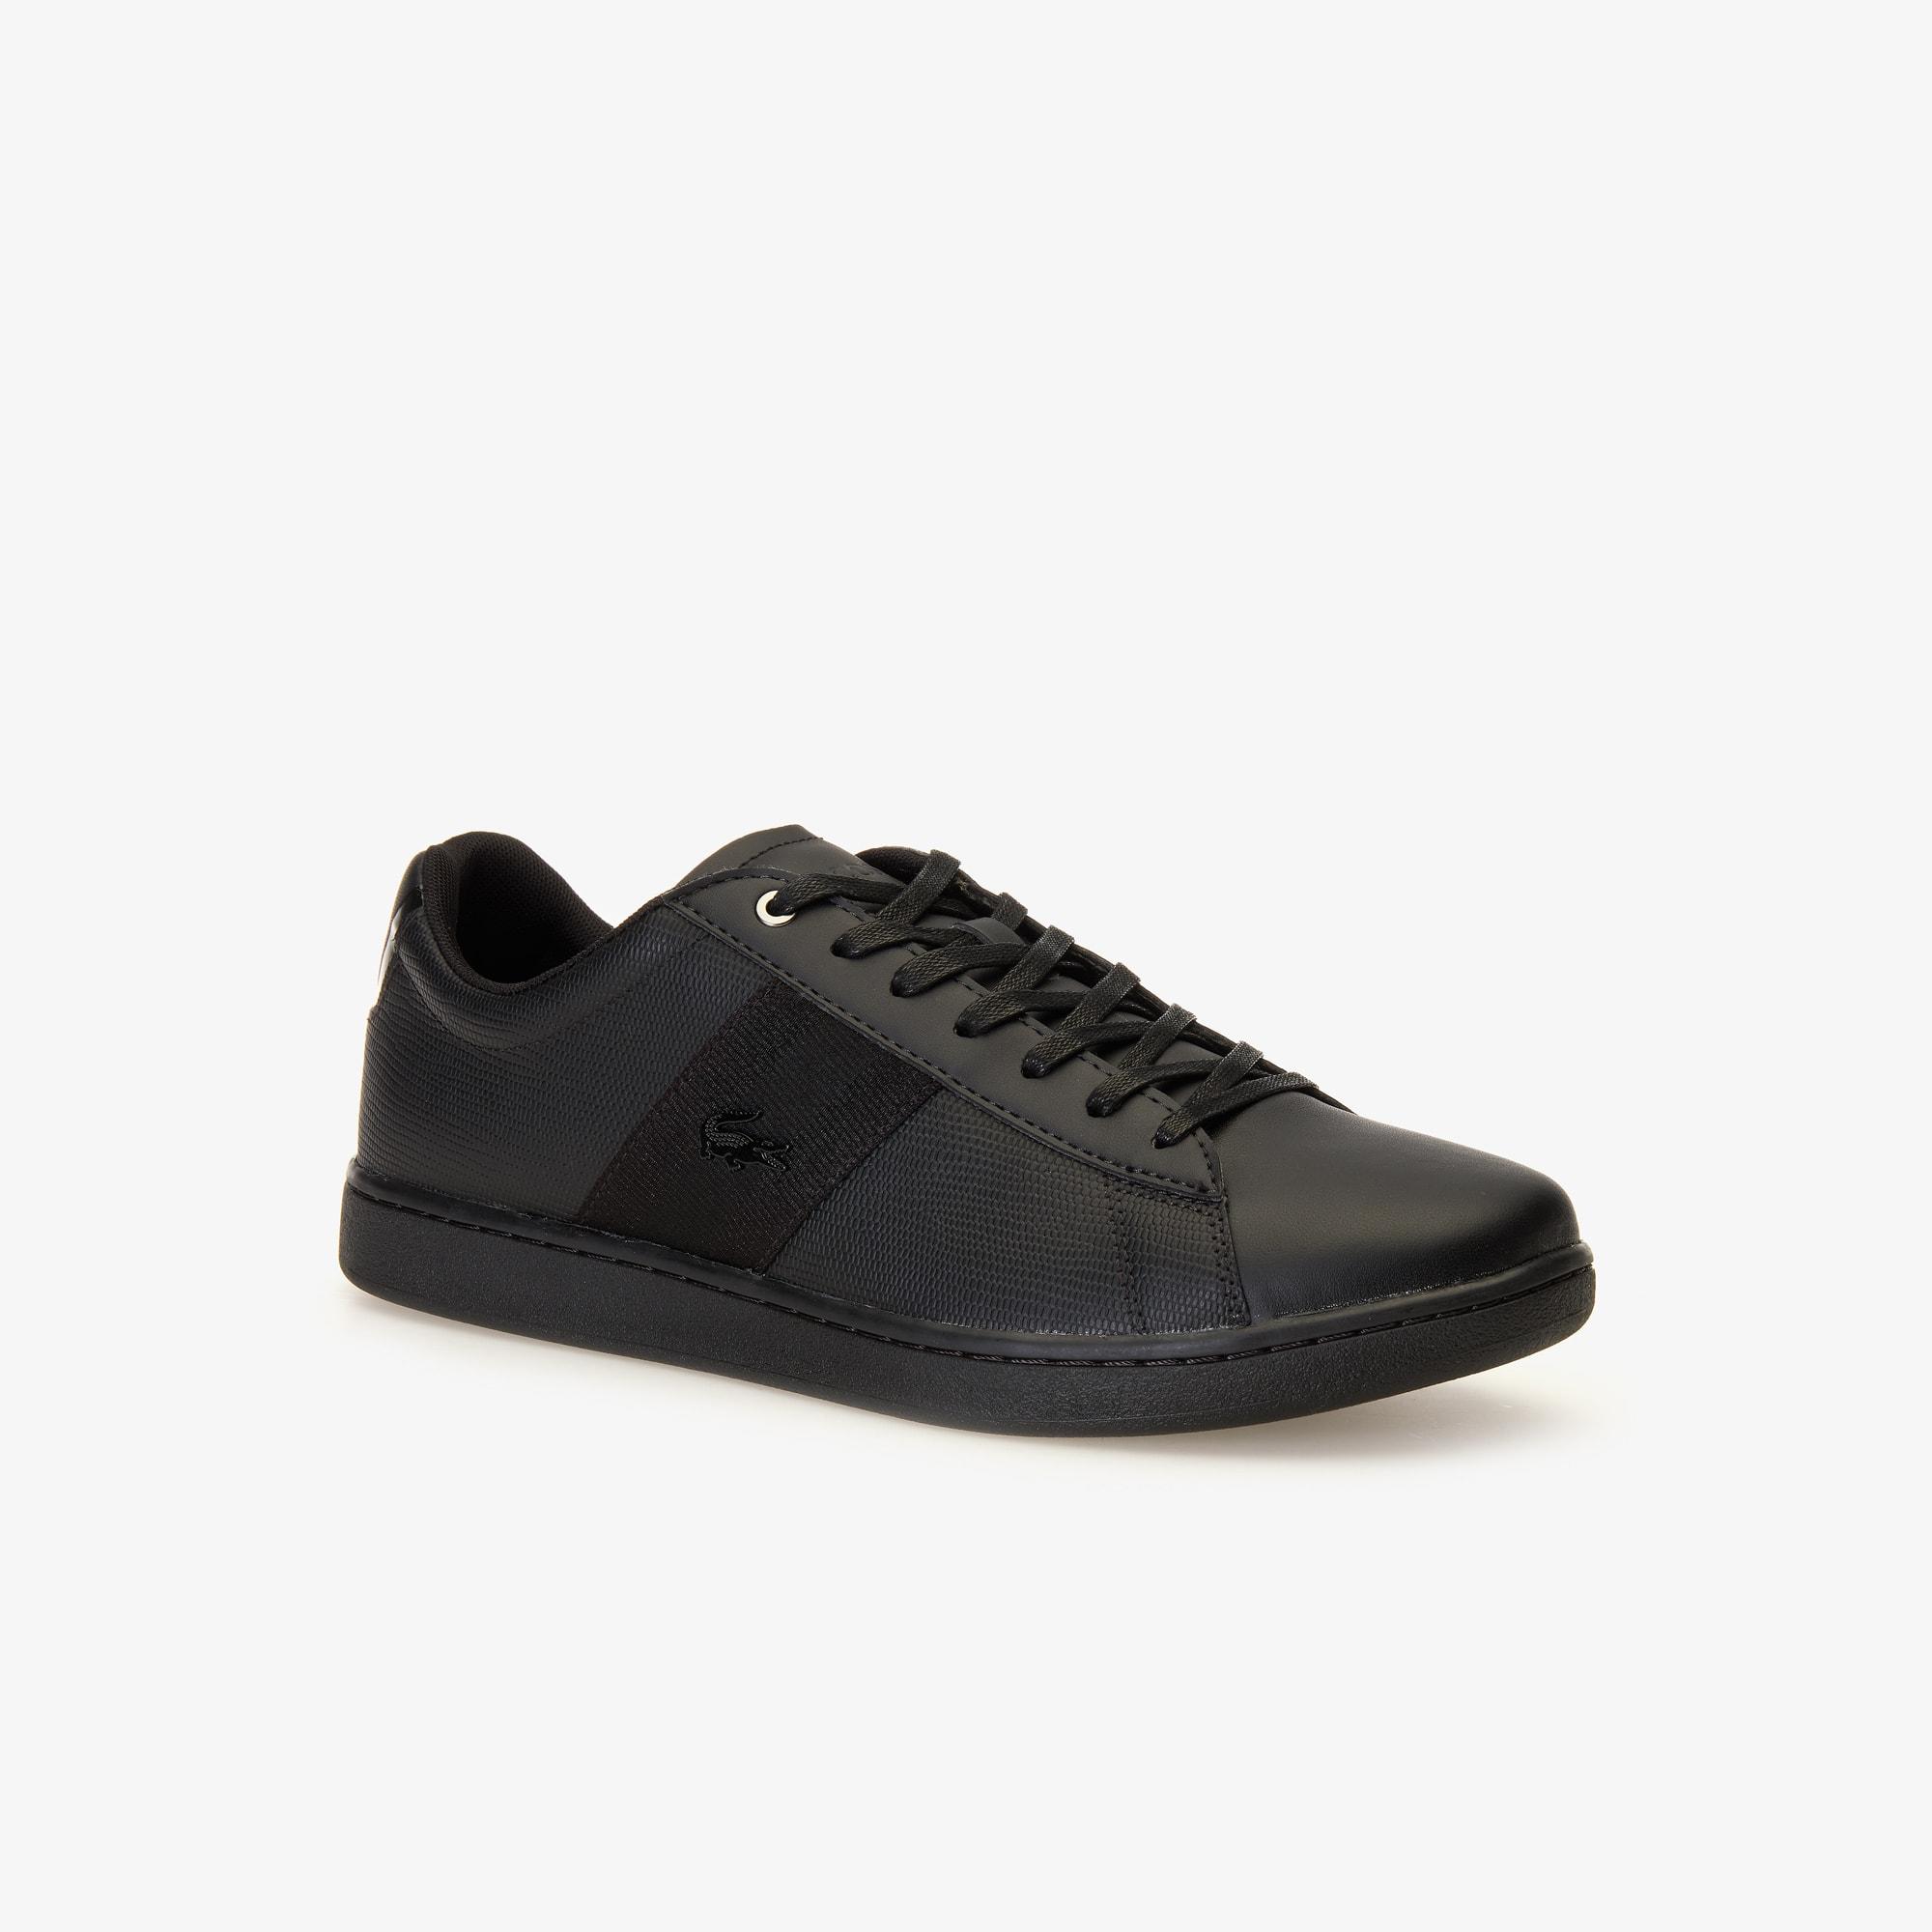 2a81df249d85 Men s Shoes